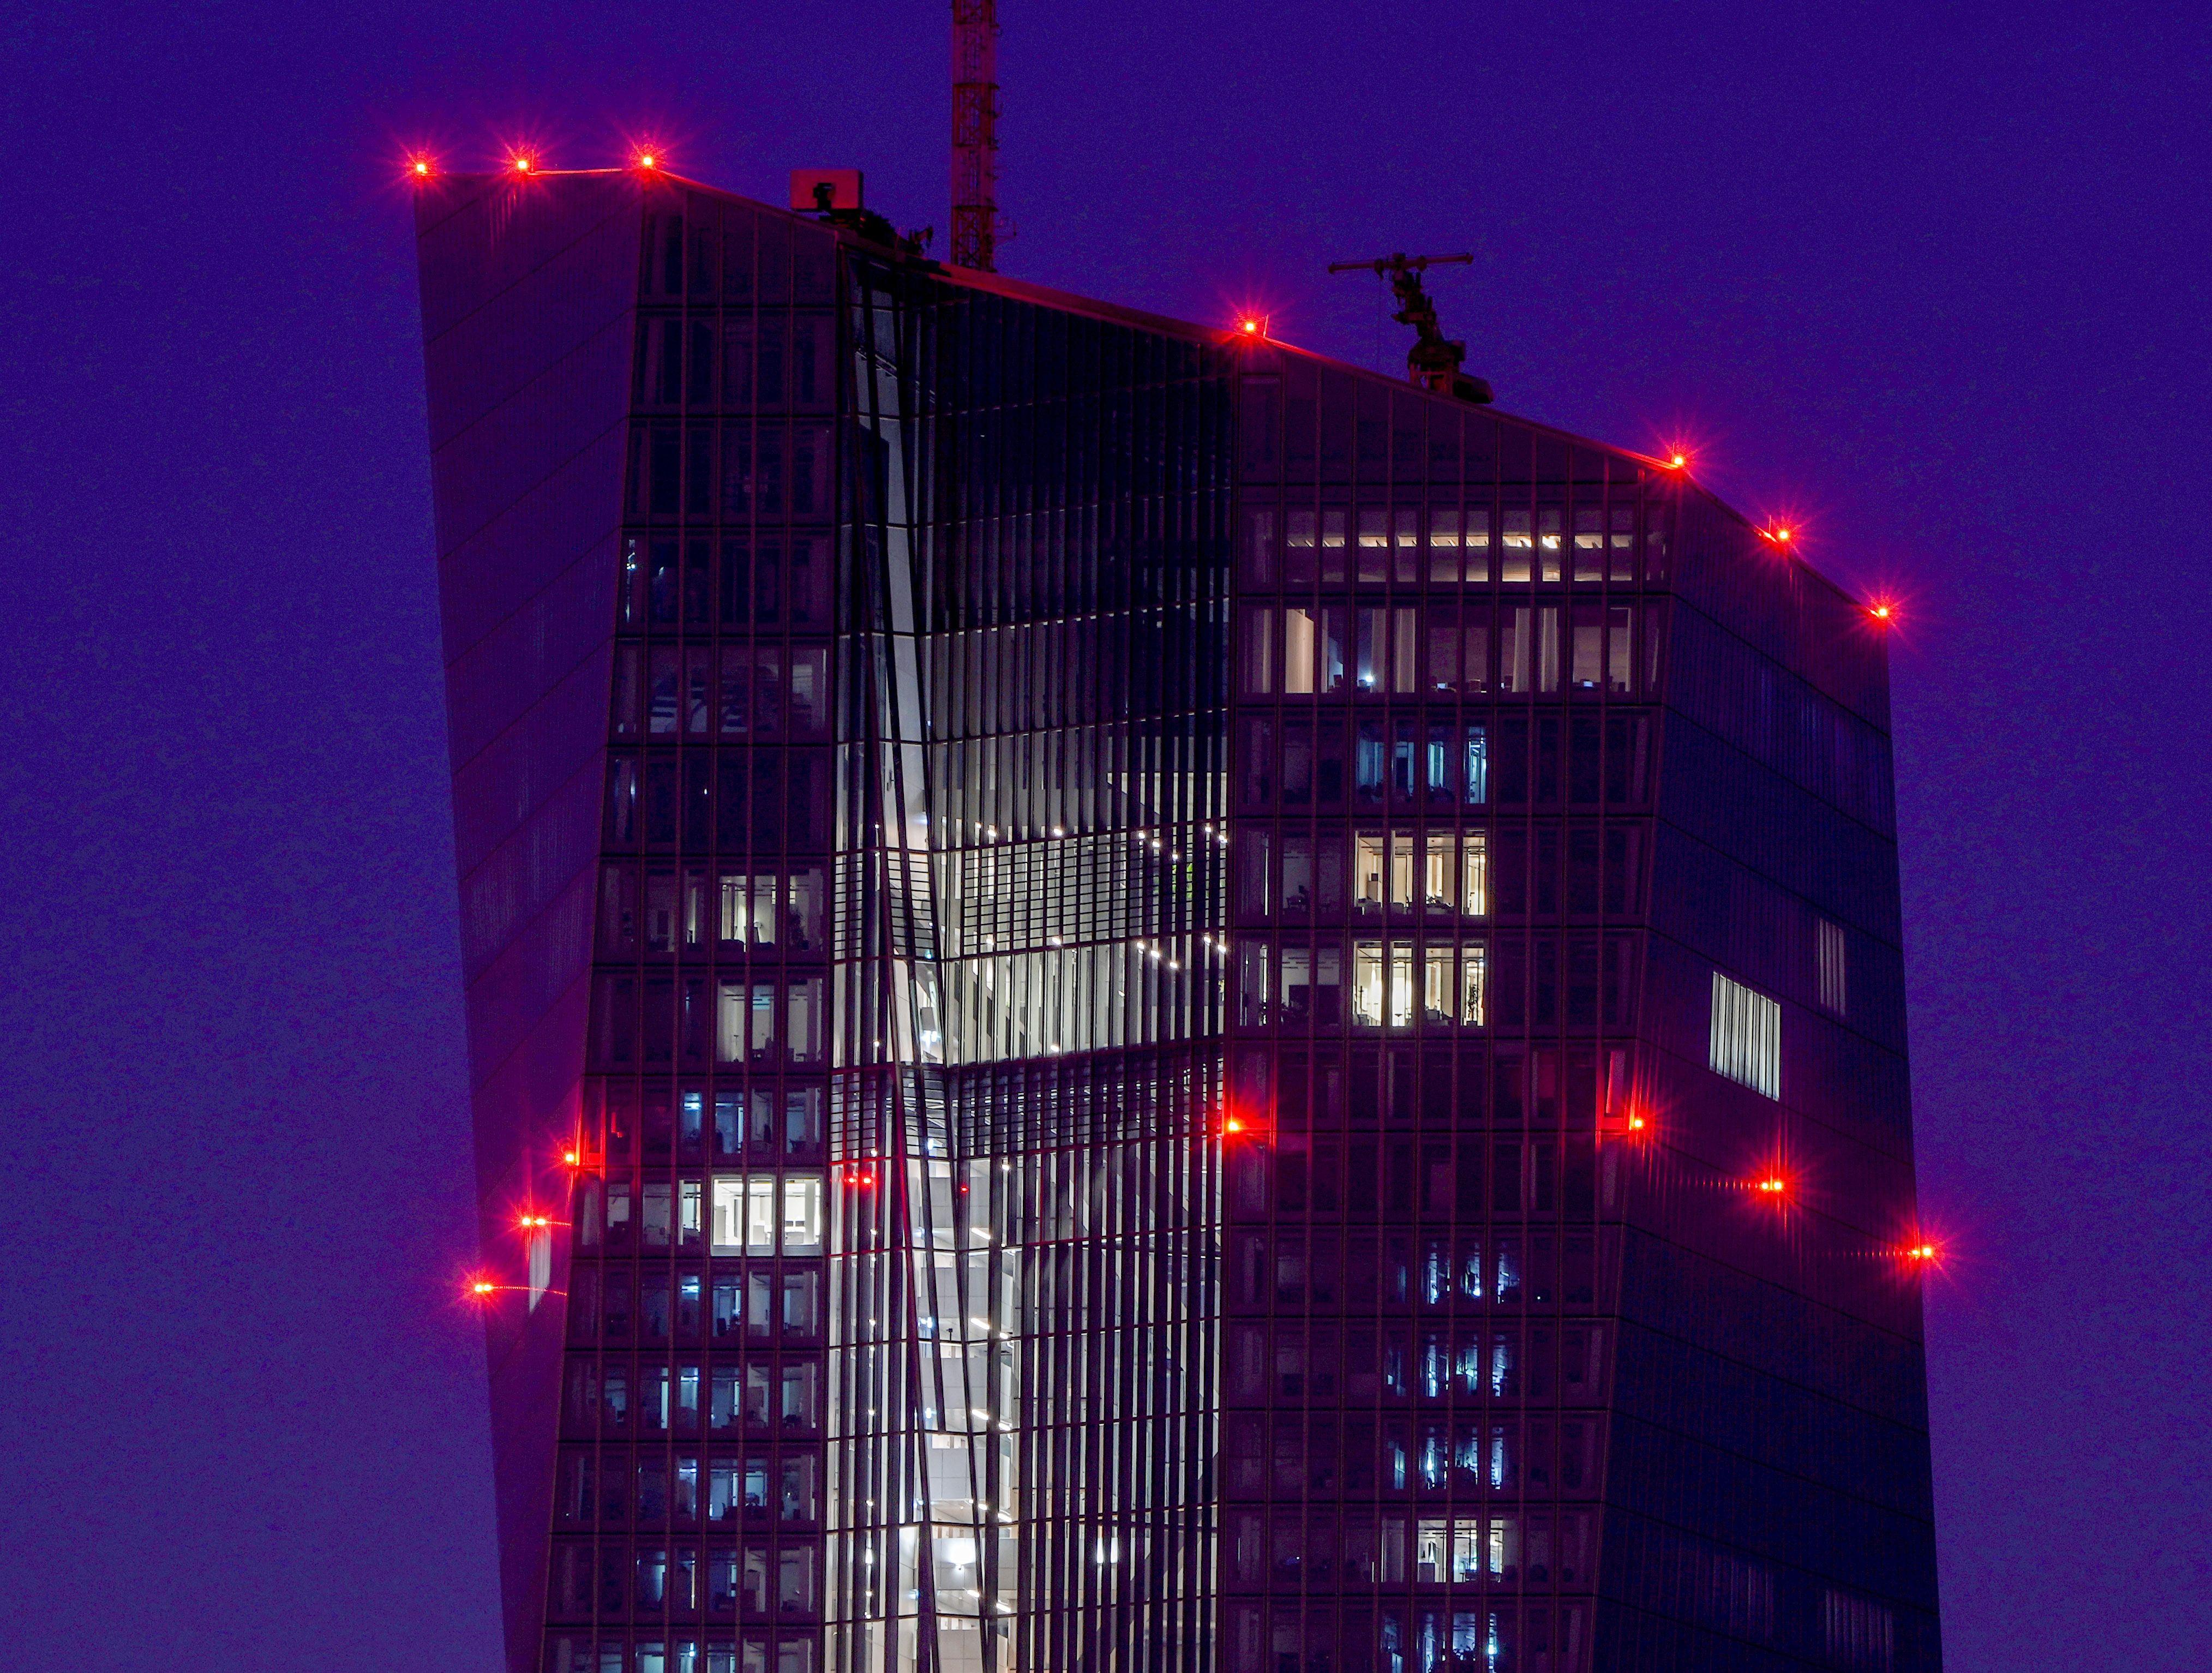 banco central europeo reducira estimulo economico